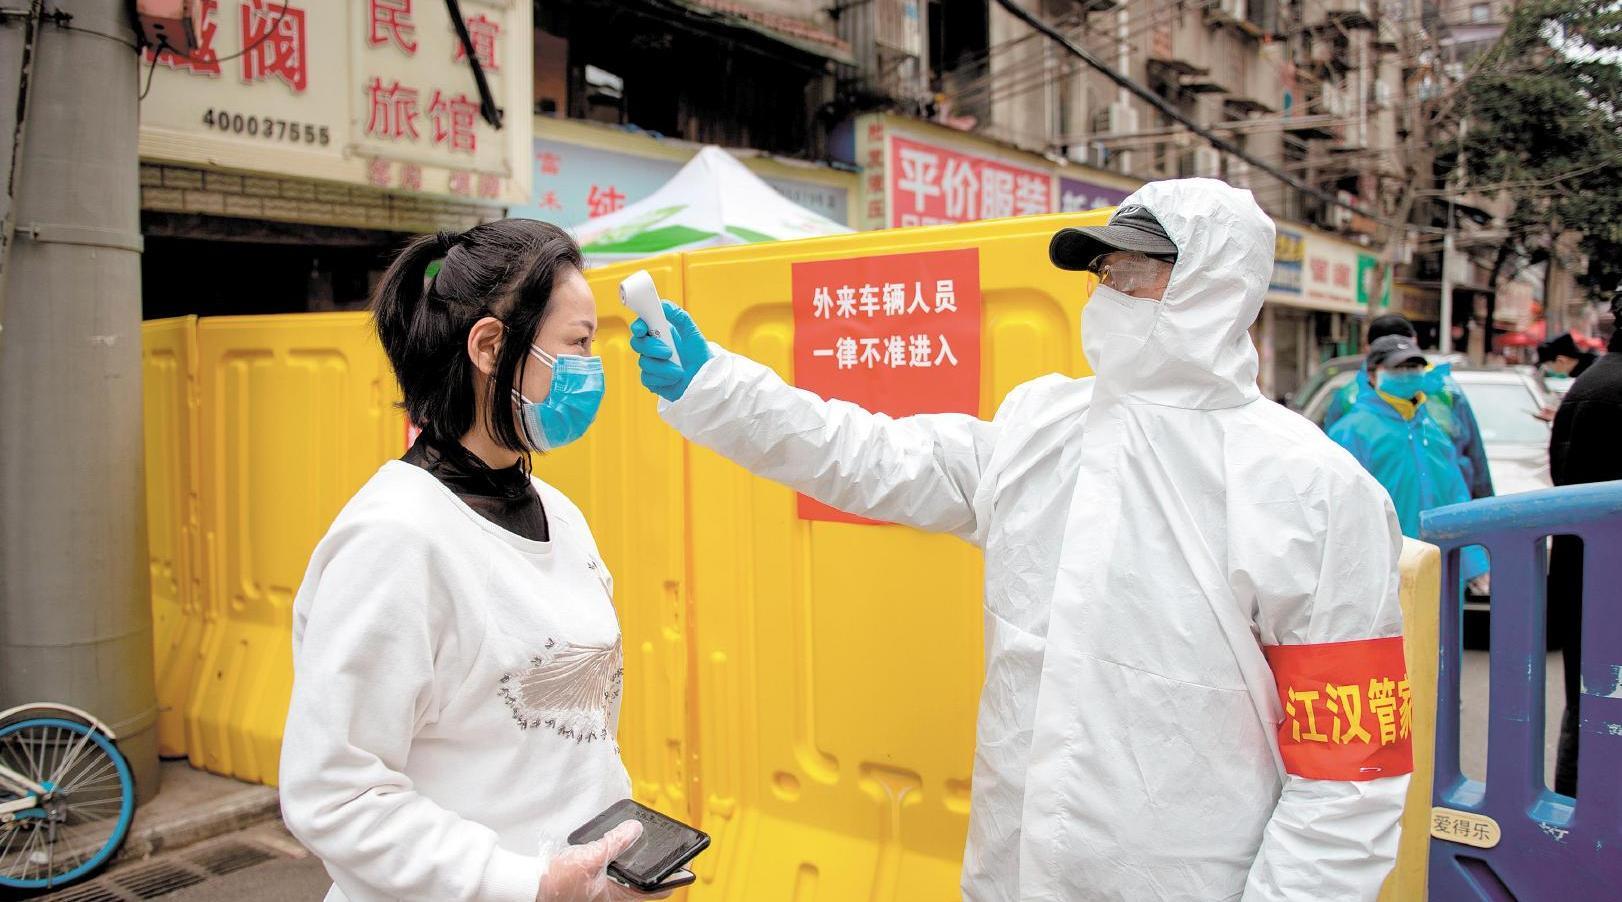 管姚:部署疫情防控要坚持科学决策 实事求事 务守底线